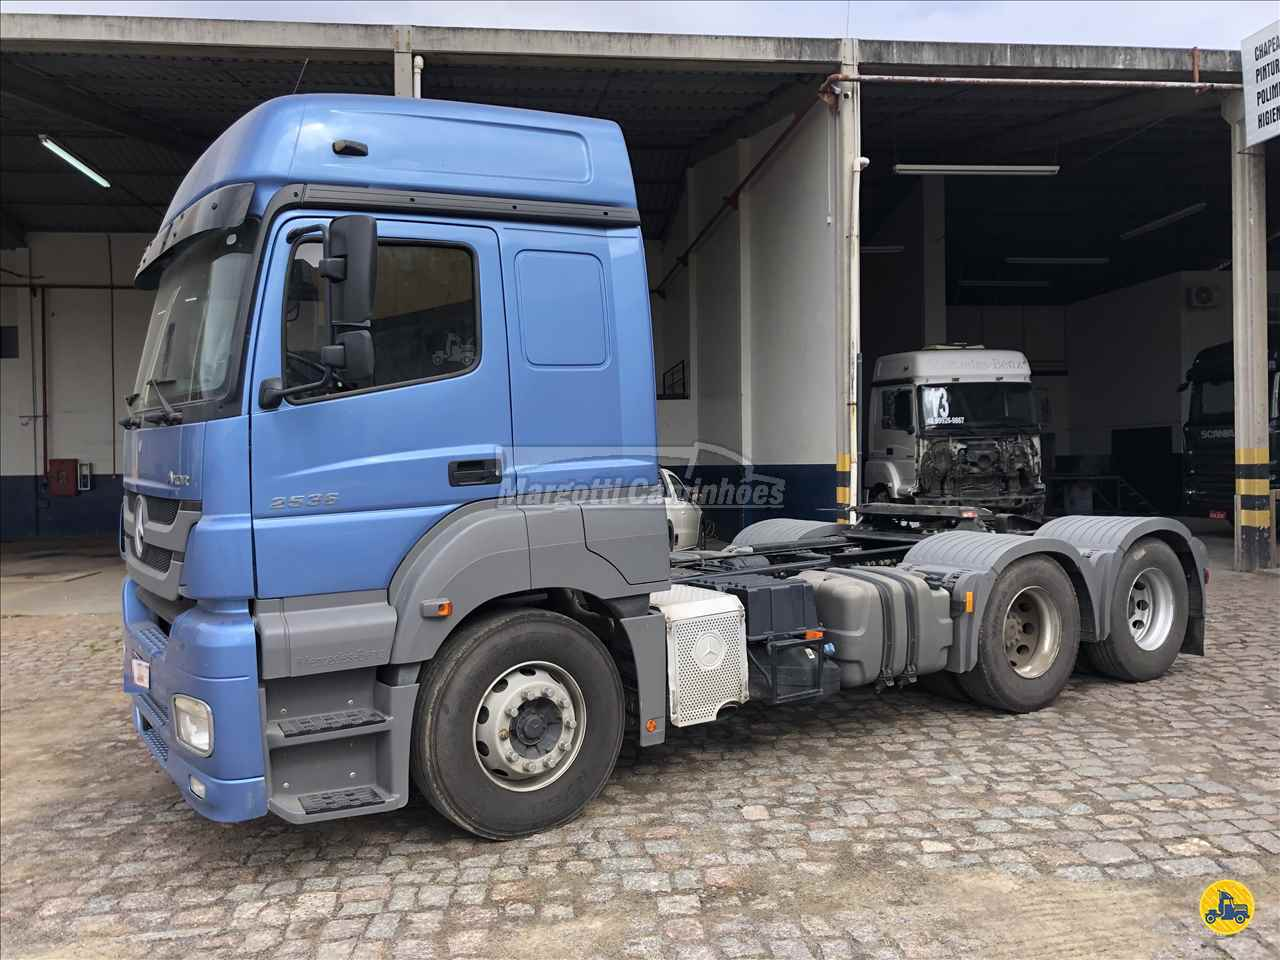 CAMINHAO MERCEDES-BENZ MB 2536 Cavalo Mecânico Truck 6x2 Margotti Caminhões TUBARAO SANTA CATARINA SC